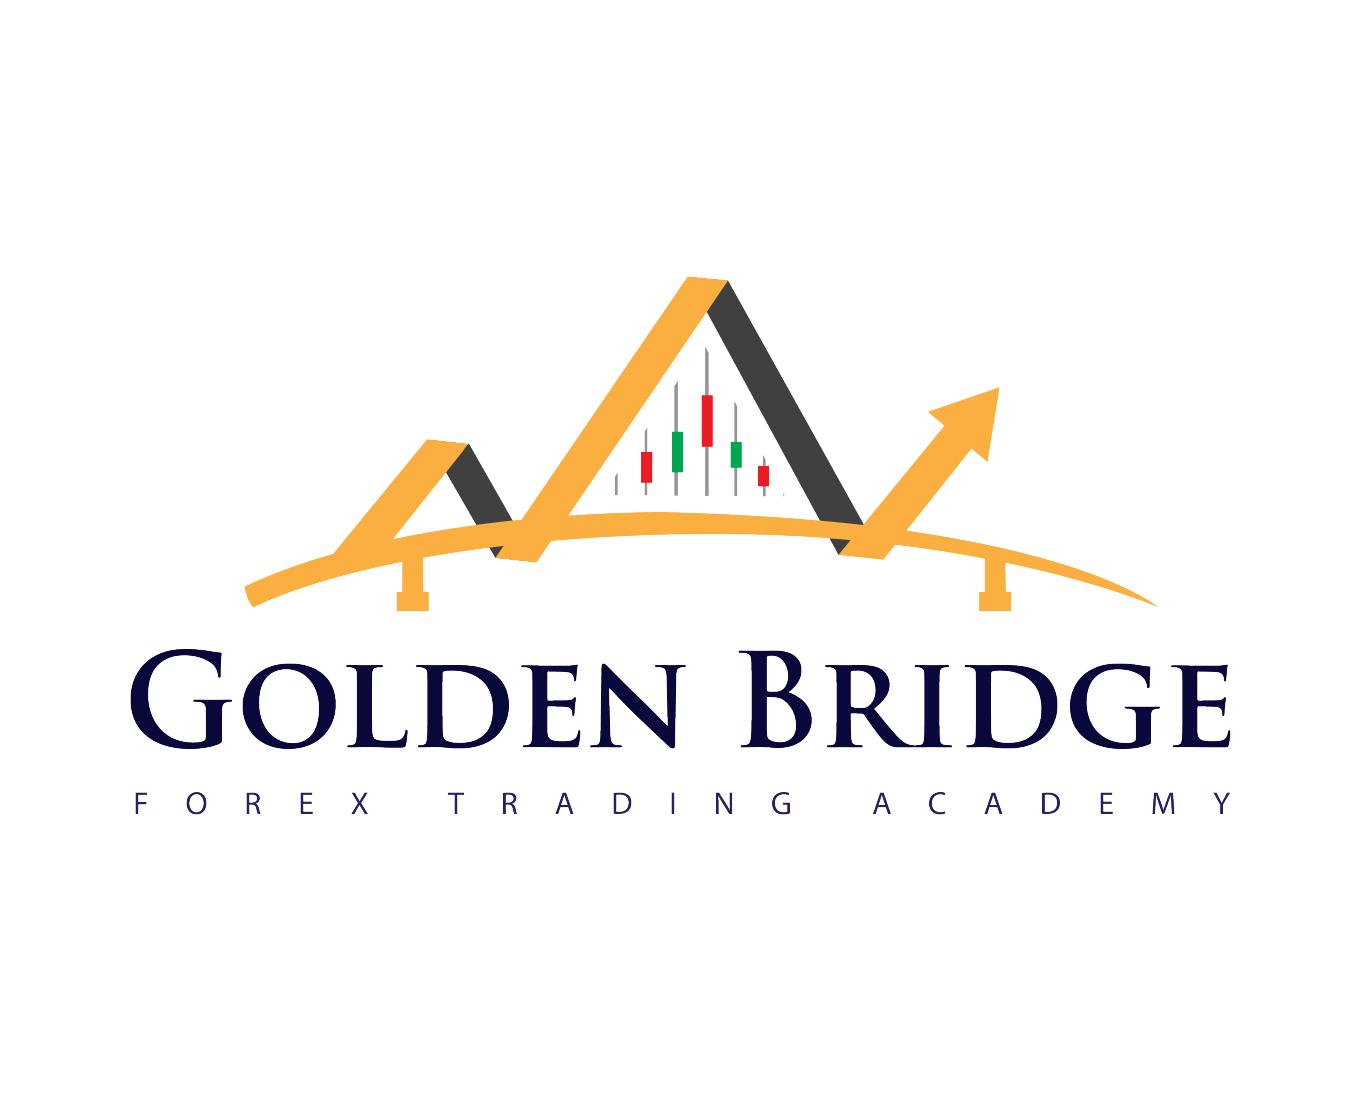 goldenbridgetradingacademy